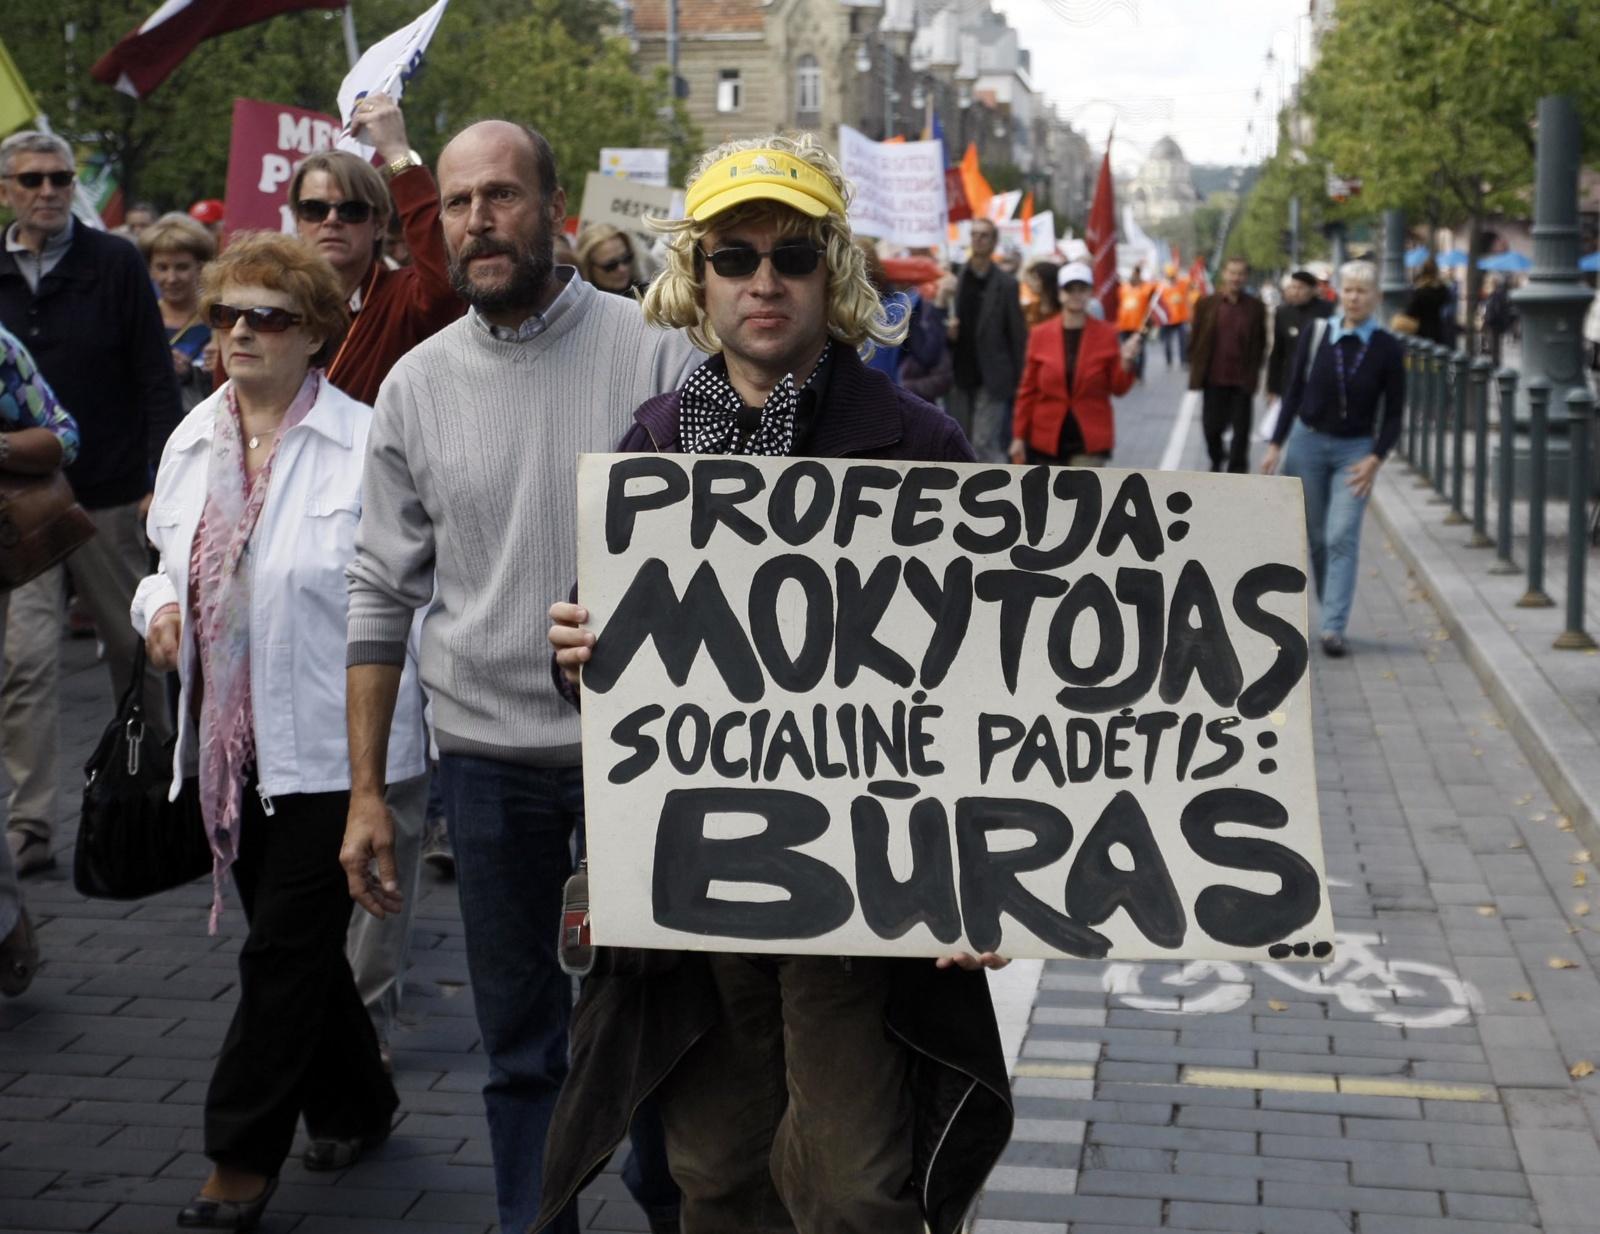 Švietimo ministerija tvirtina tęsianti derybas su profesinėmis sąjungomis